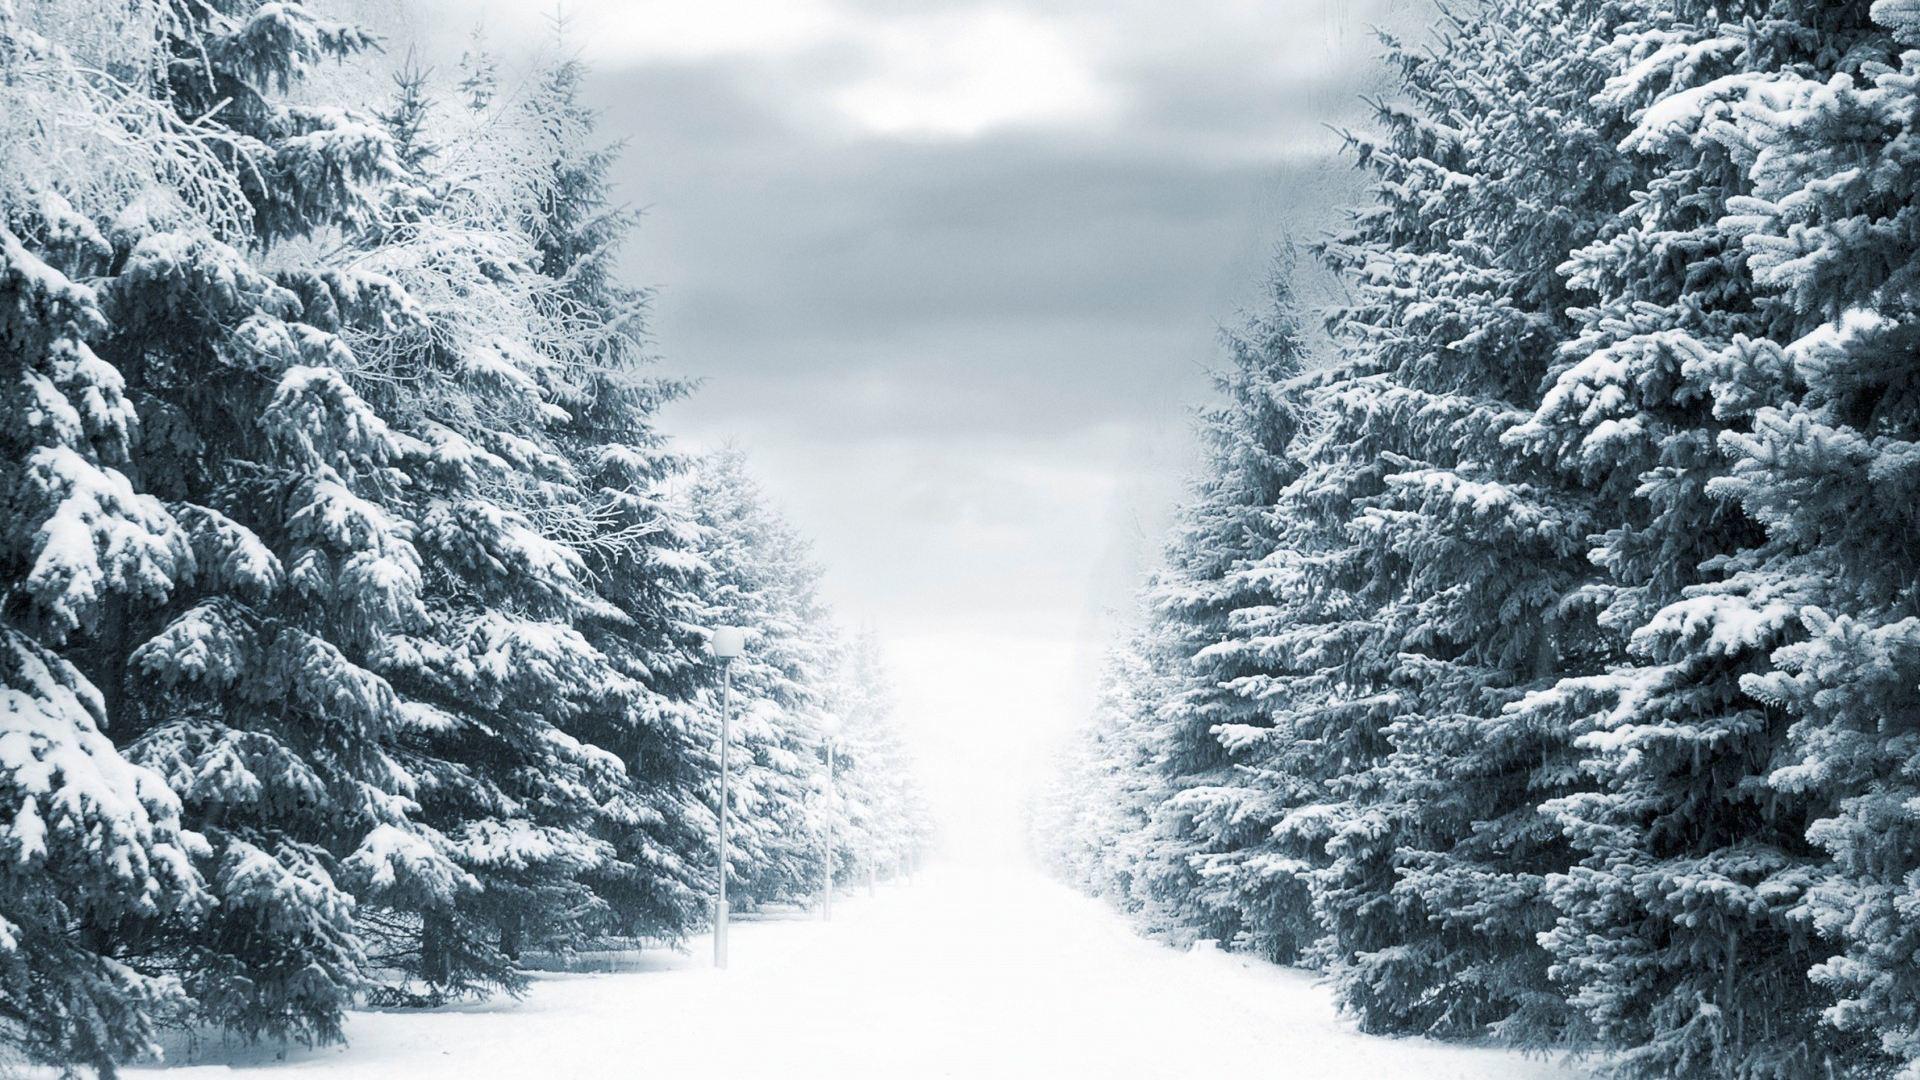 有关冬雪的抒情散文:雪中漫步